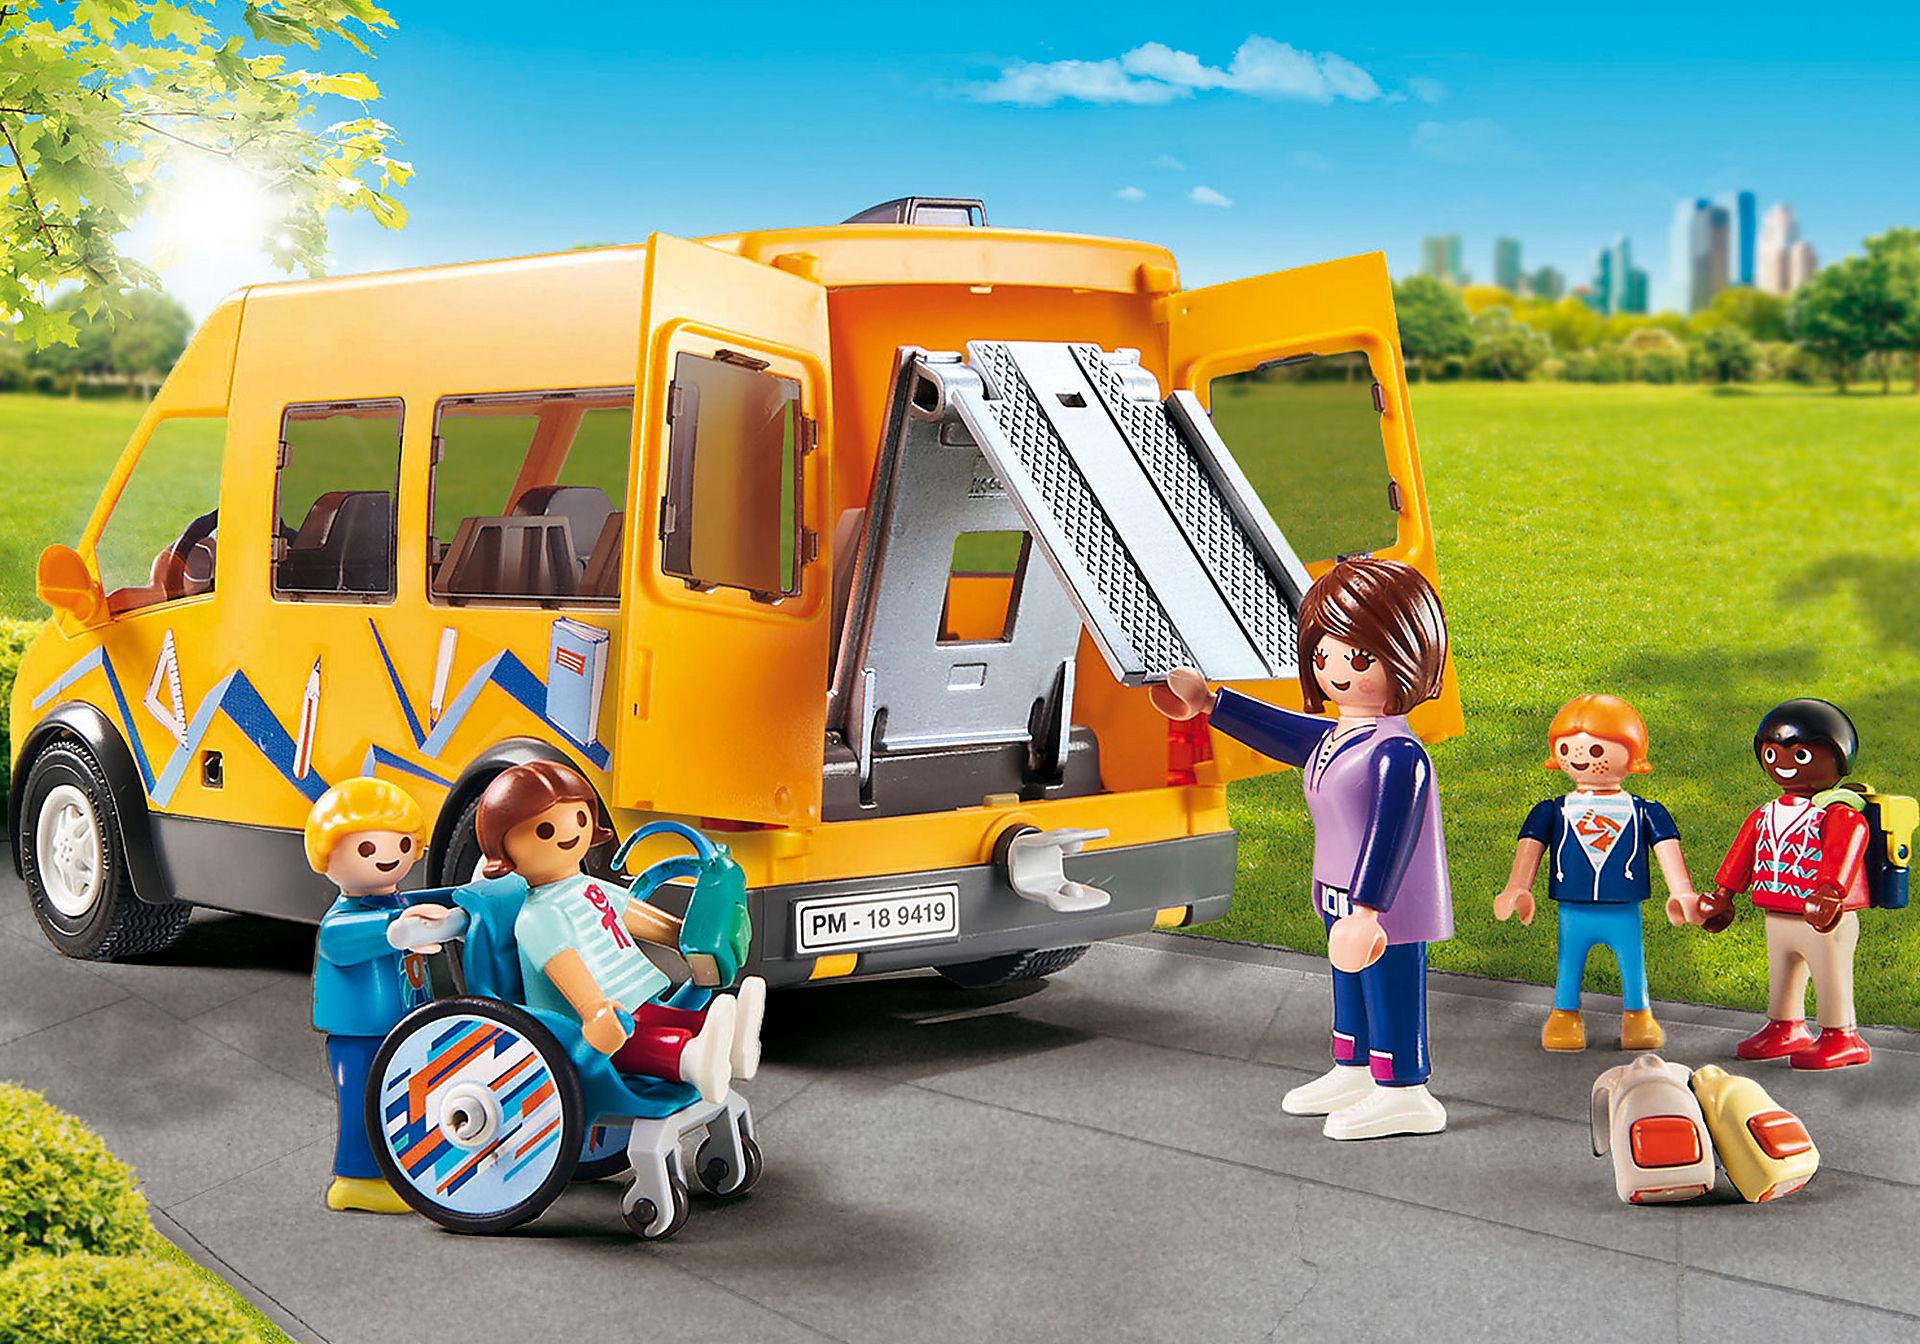 http://media.playmobil.com/i/playmobil/9419_product_extra2/Bus scolaire